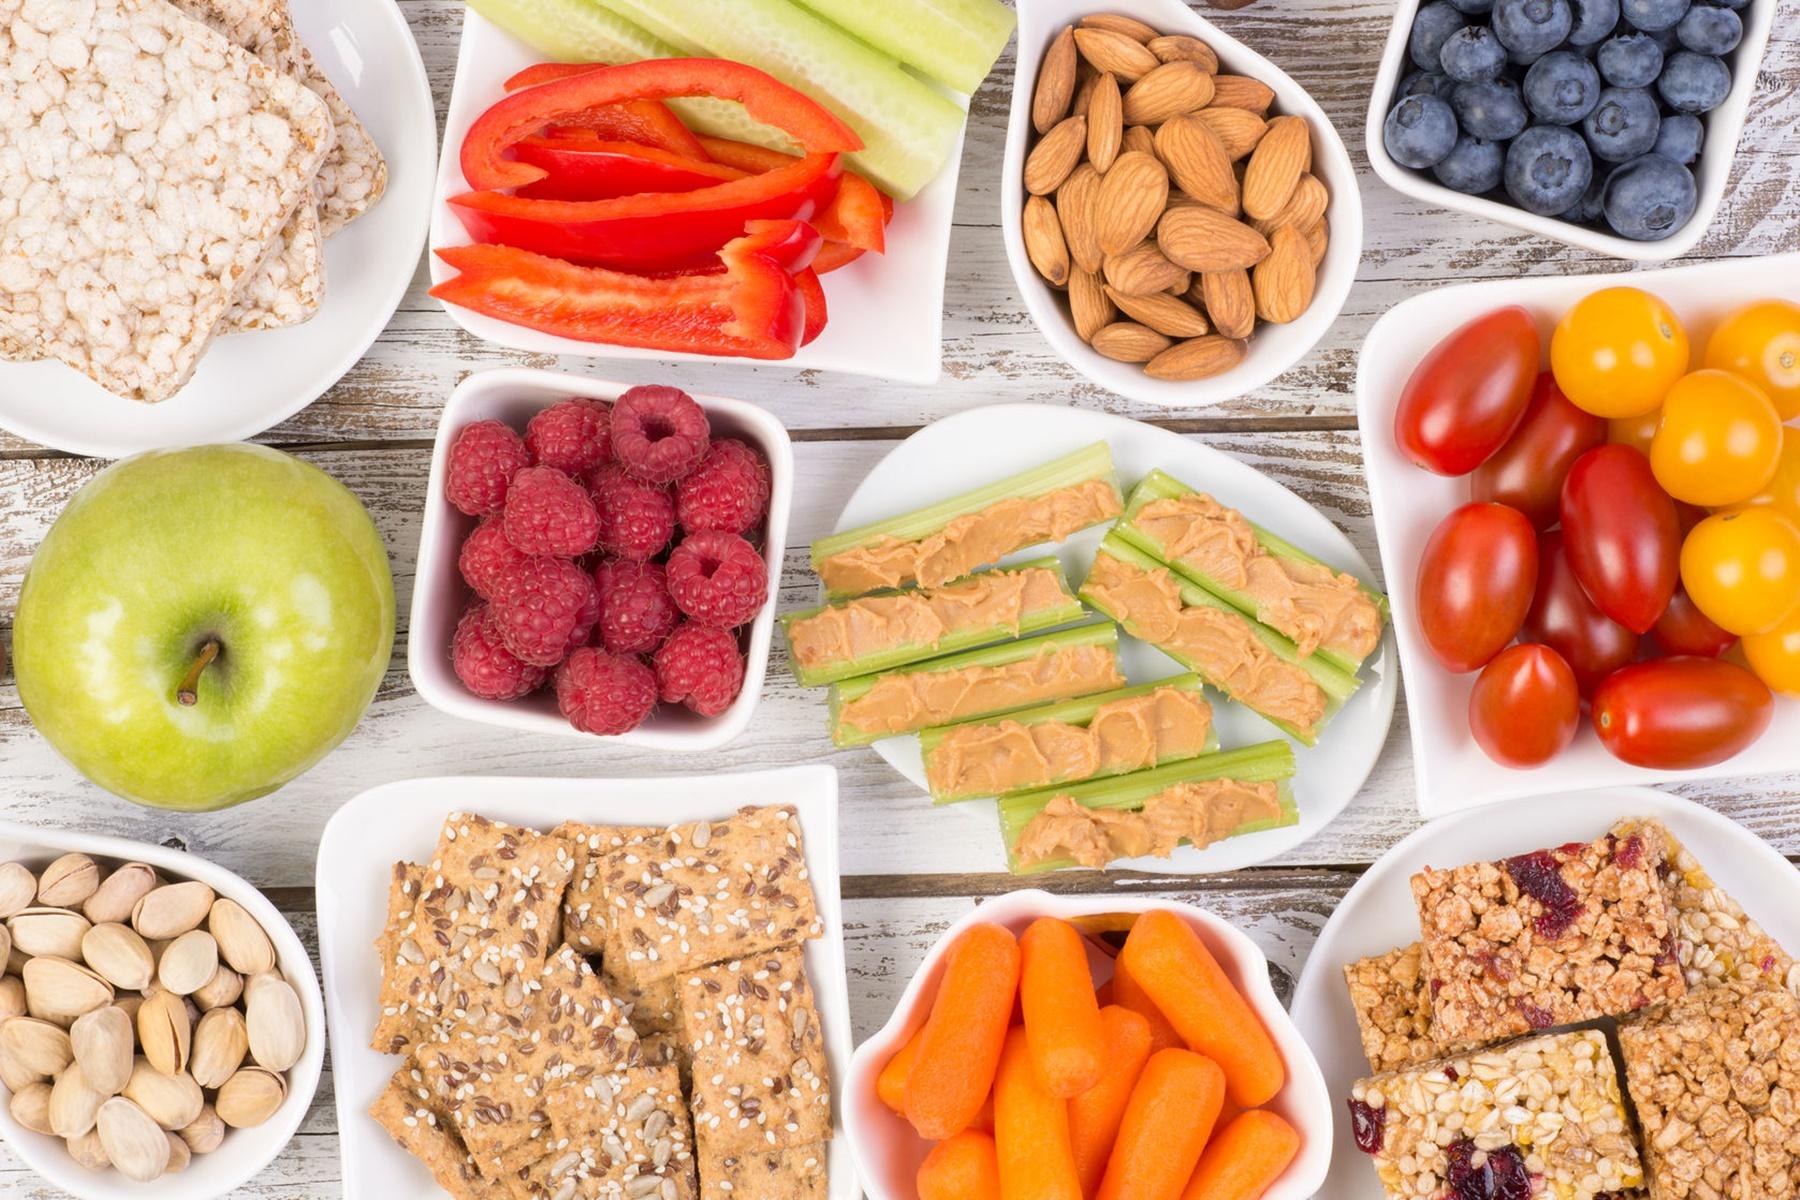 Σνάκ : Χάστε βάρος με υγιεινά τρόφιμα